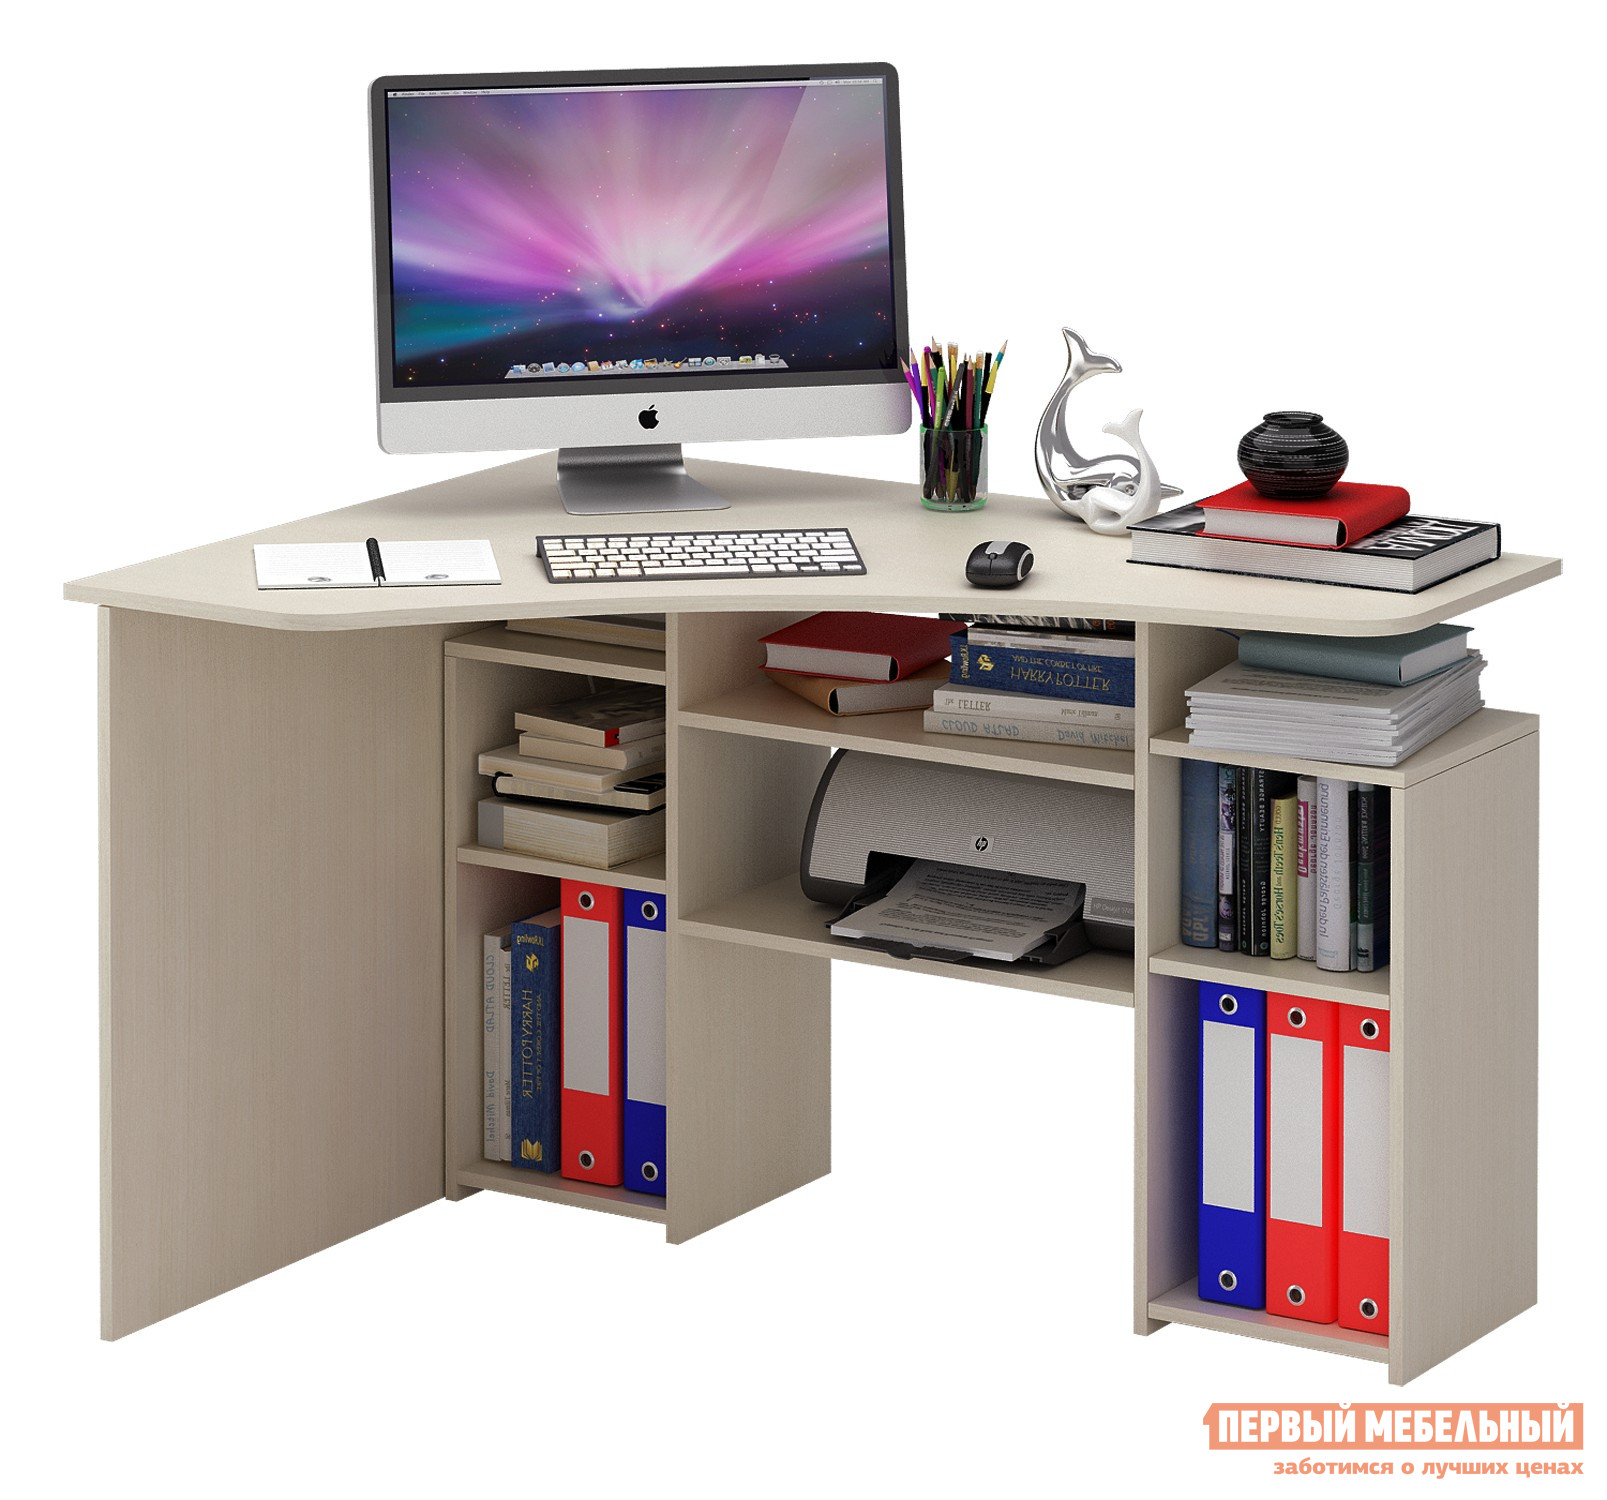 Компьютерный стол корнет-1 мф мастер купить в москве и спб в.